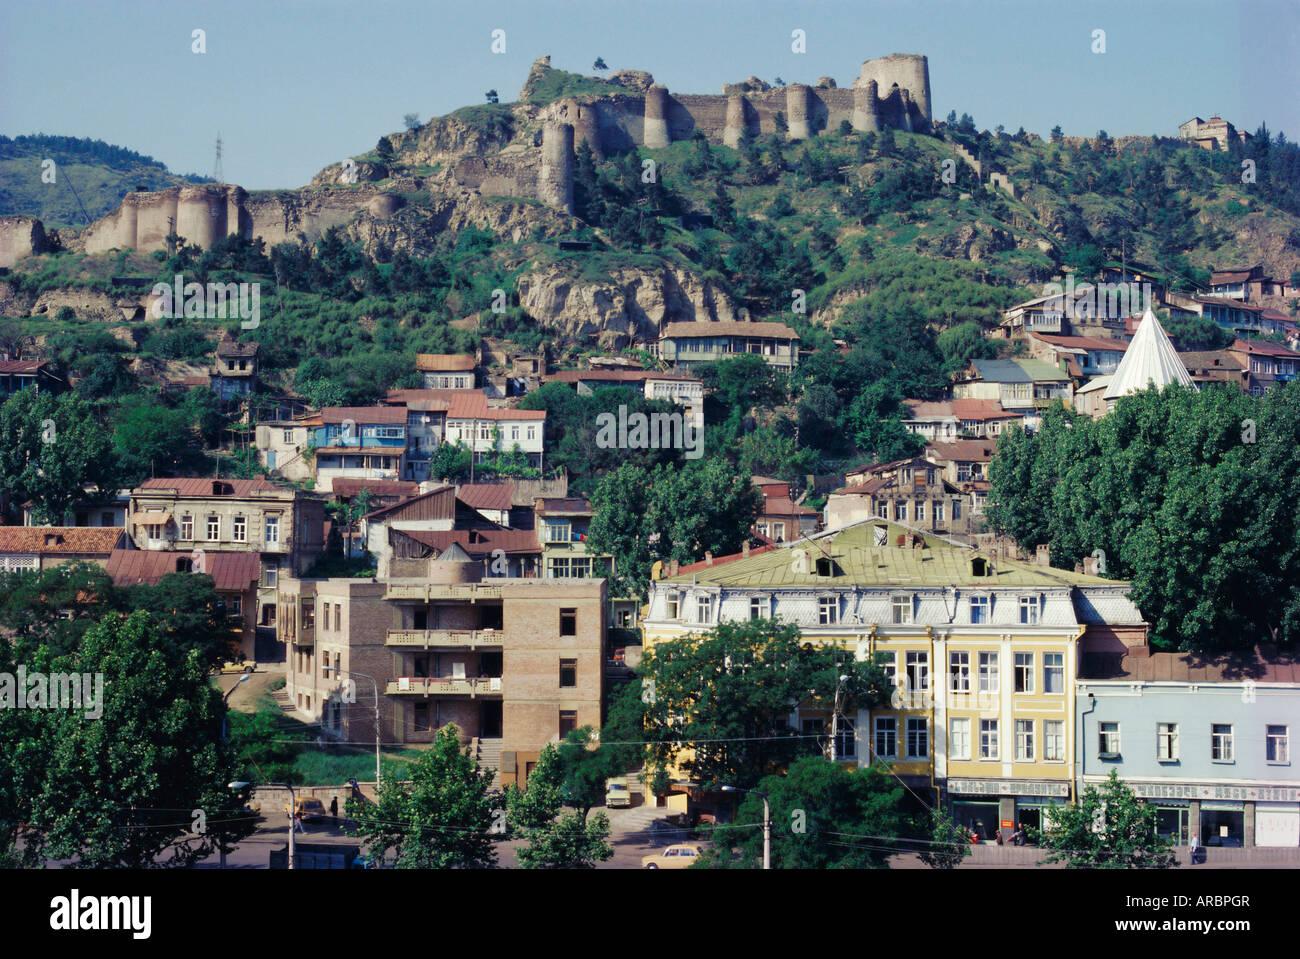 Tbilisi, Georgia, FSU, Asia - Stock Image